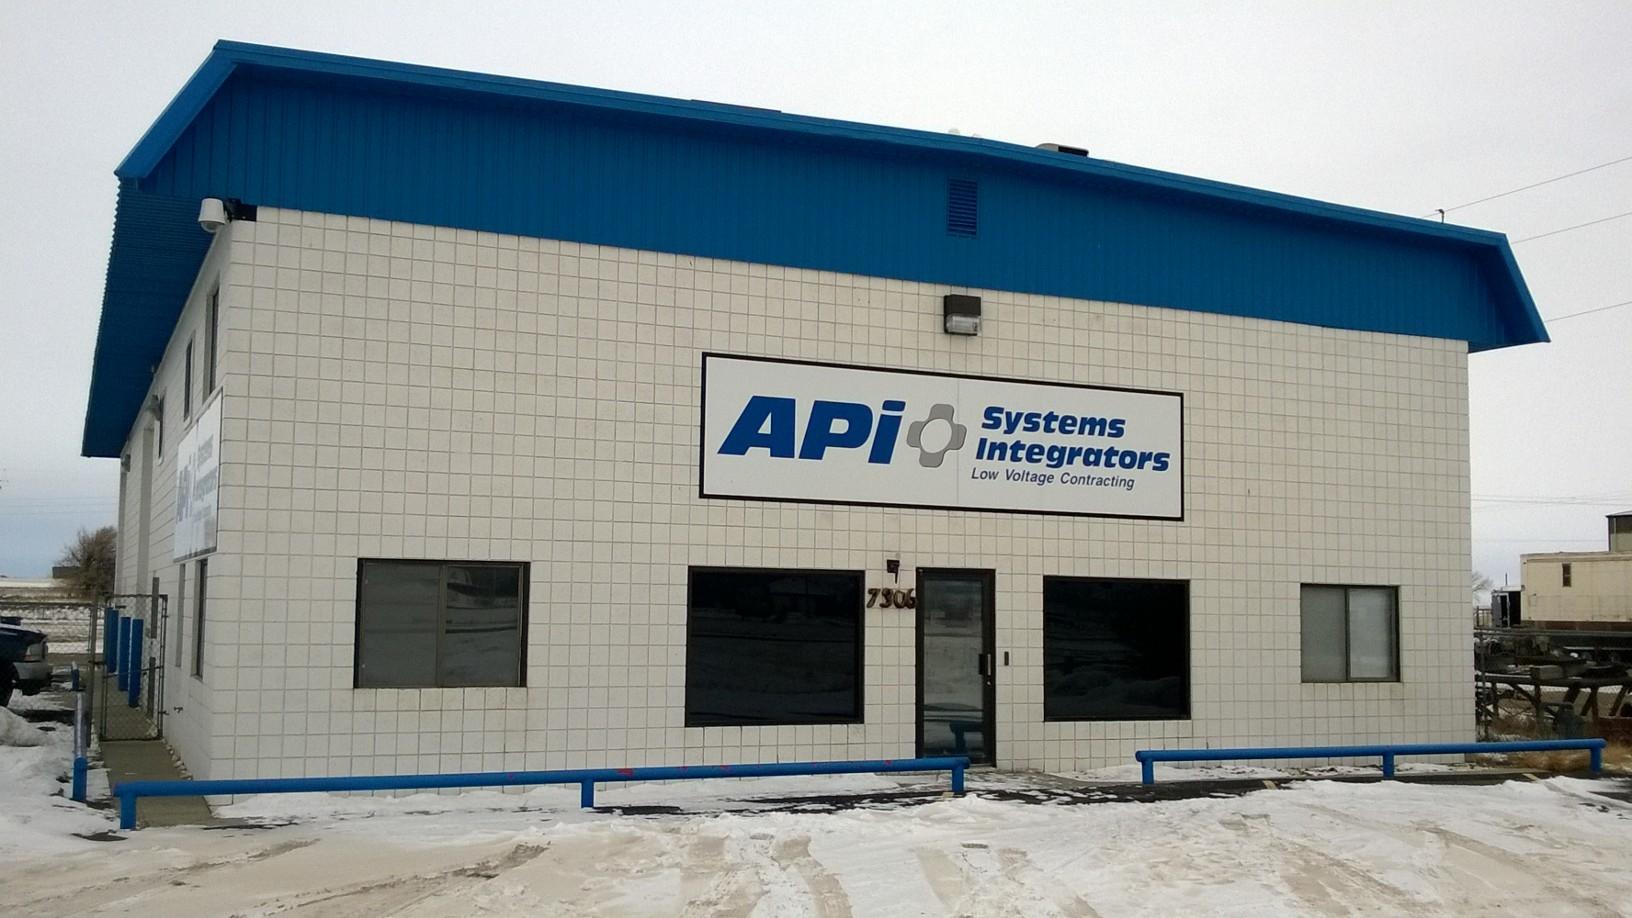 APi System Integrators, Casper WY